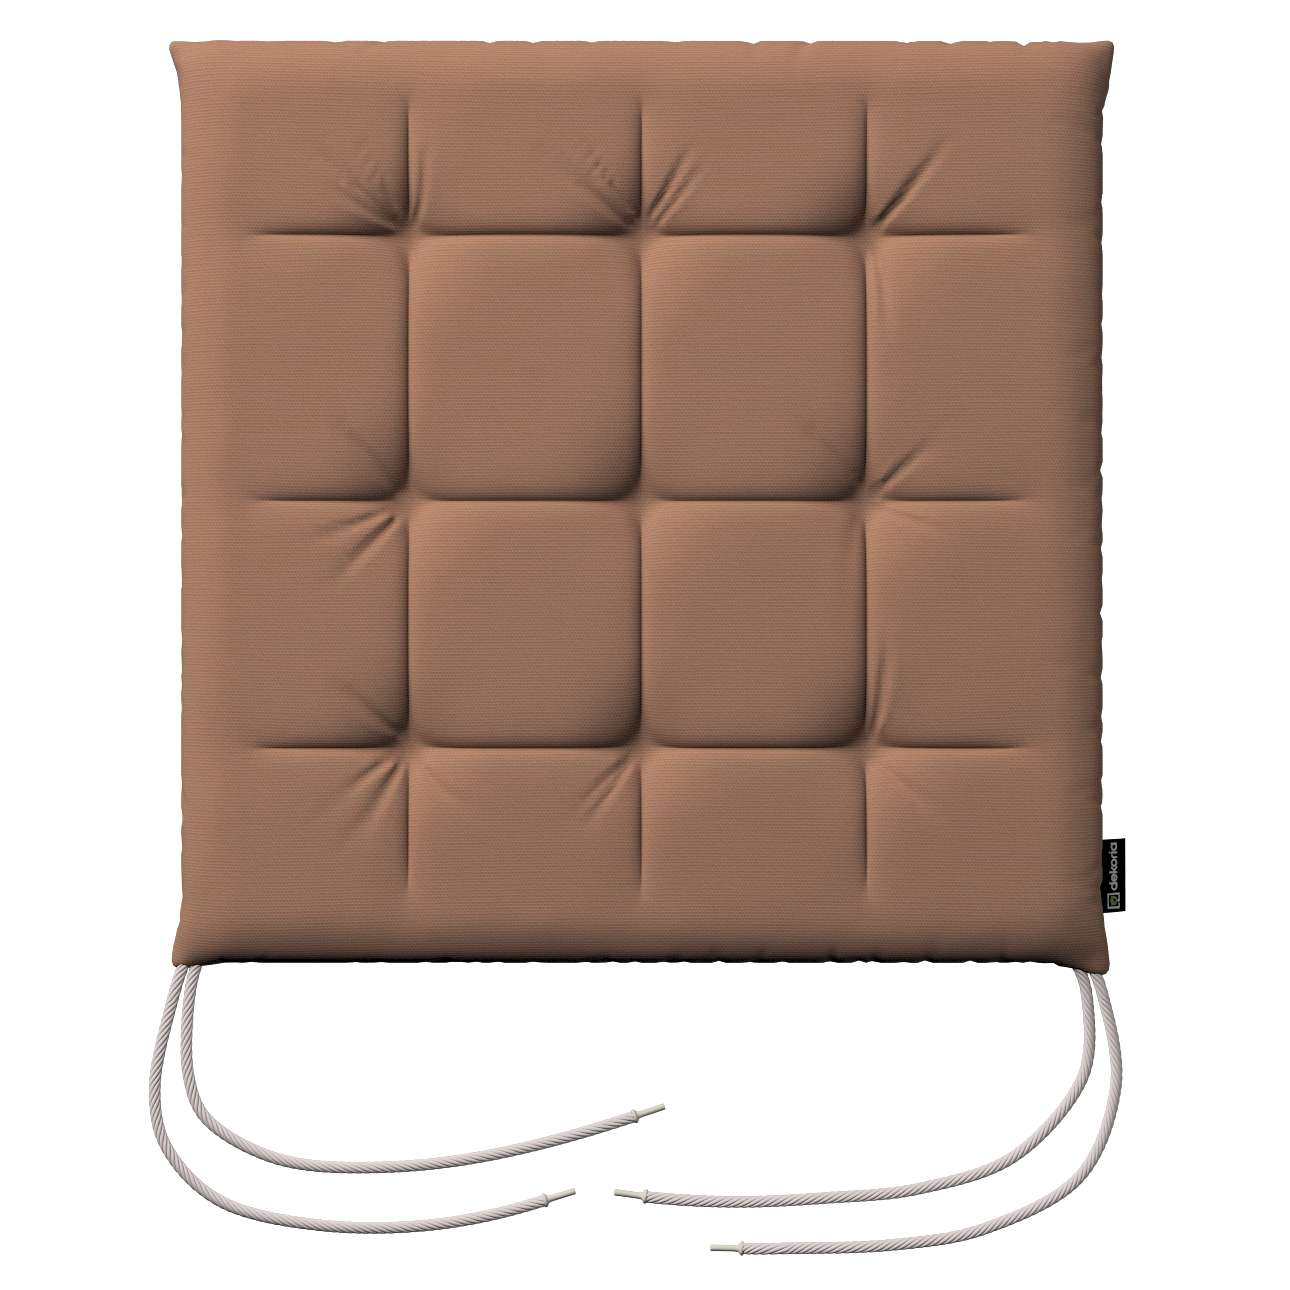 Kėdės pagalvėlė Karol  40 x 40 x 3,5 cm kolekcijoje Cotton Panama, audinys: 702-02